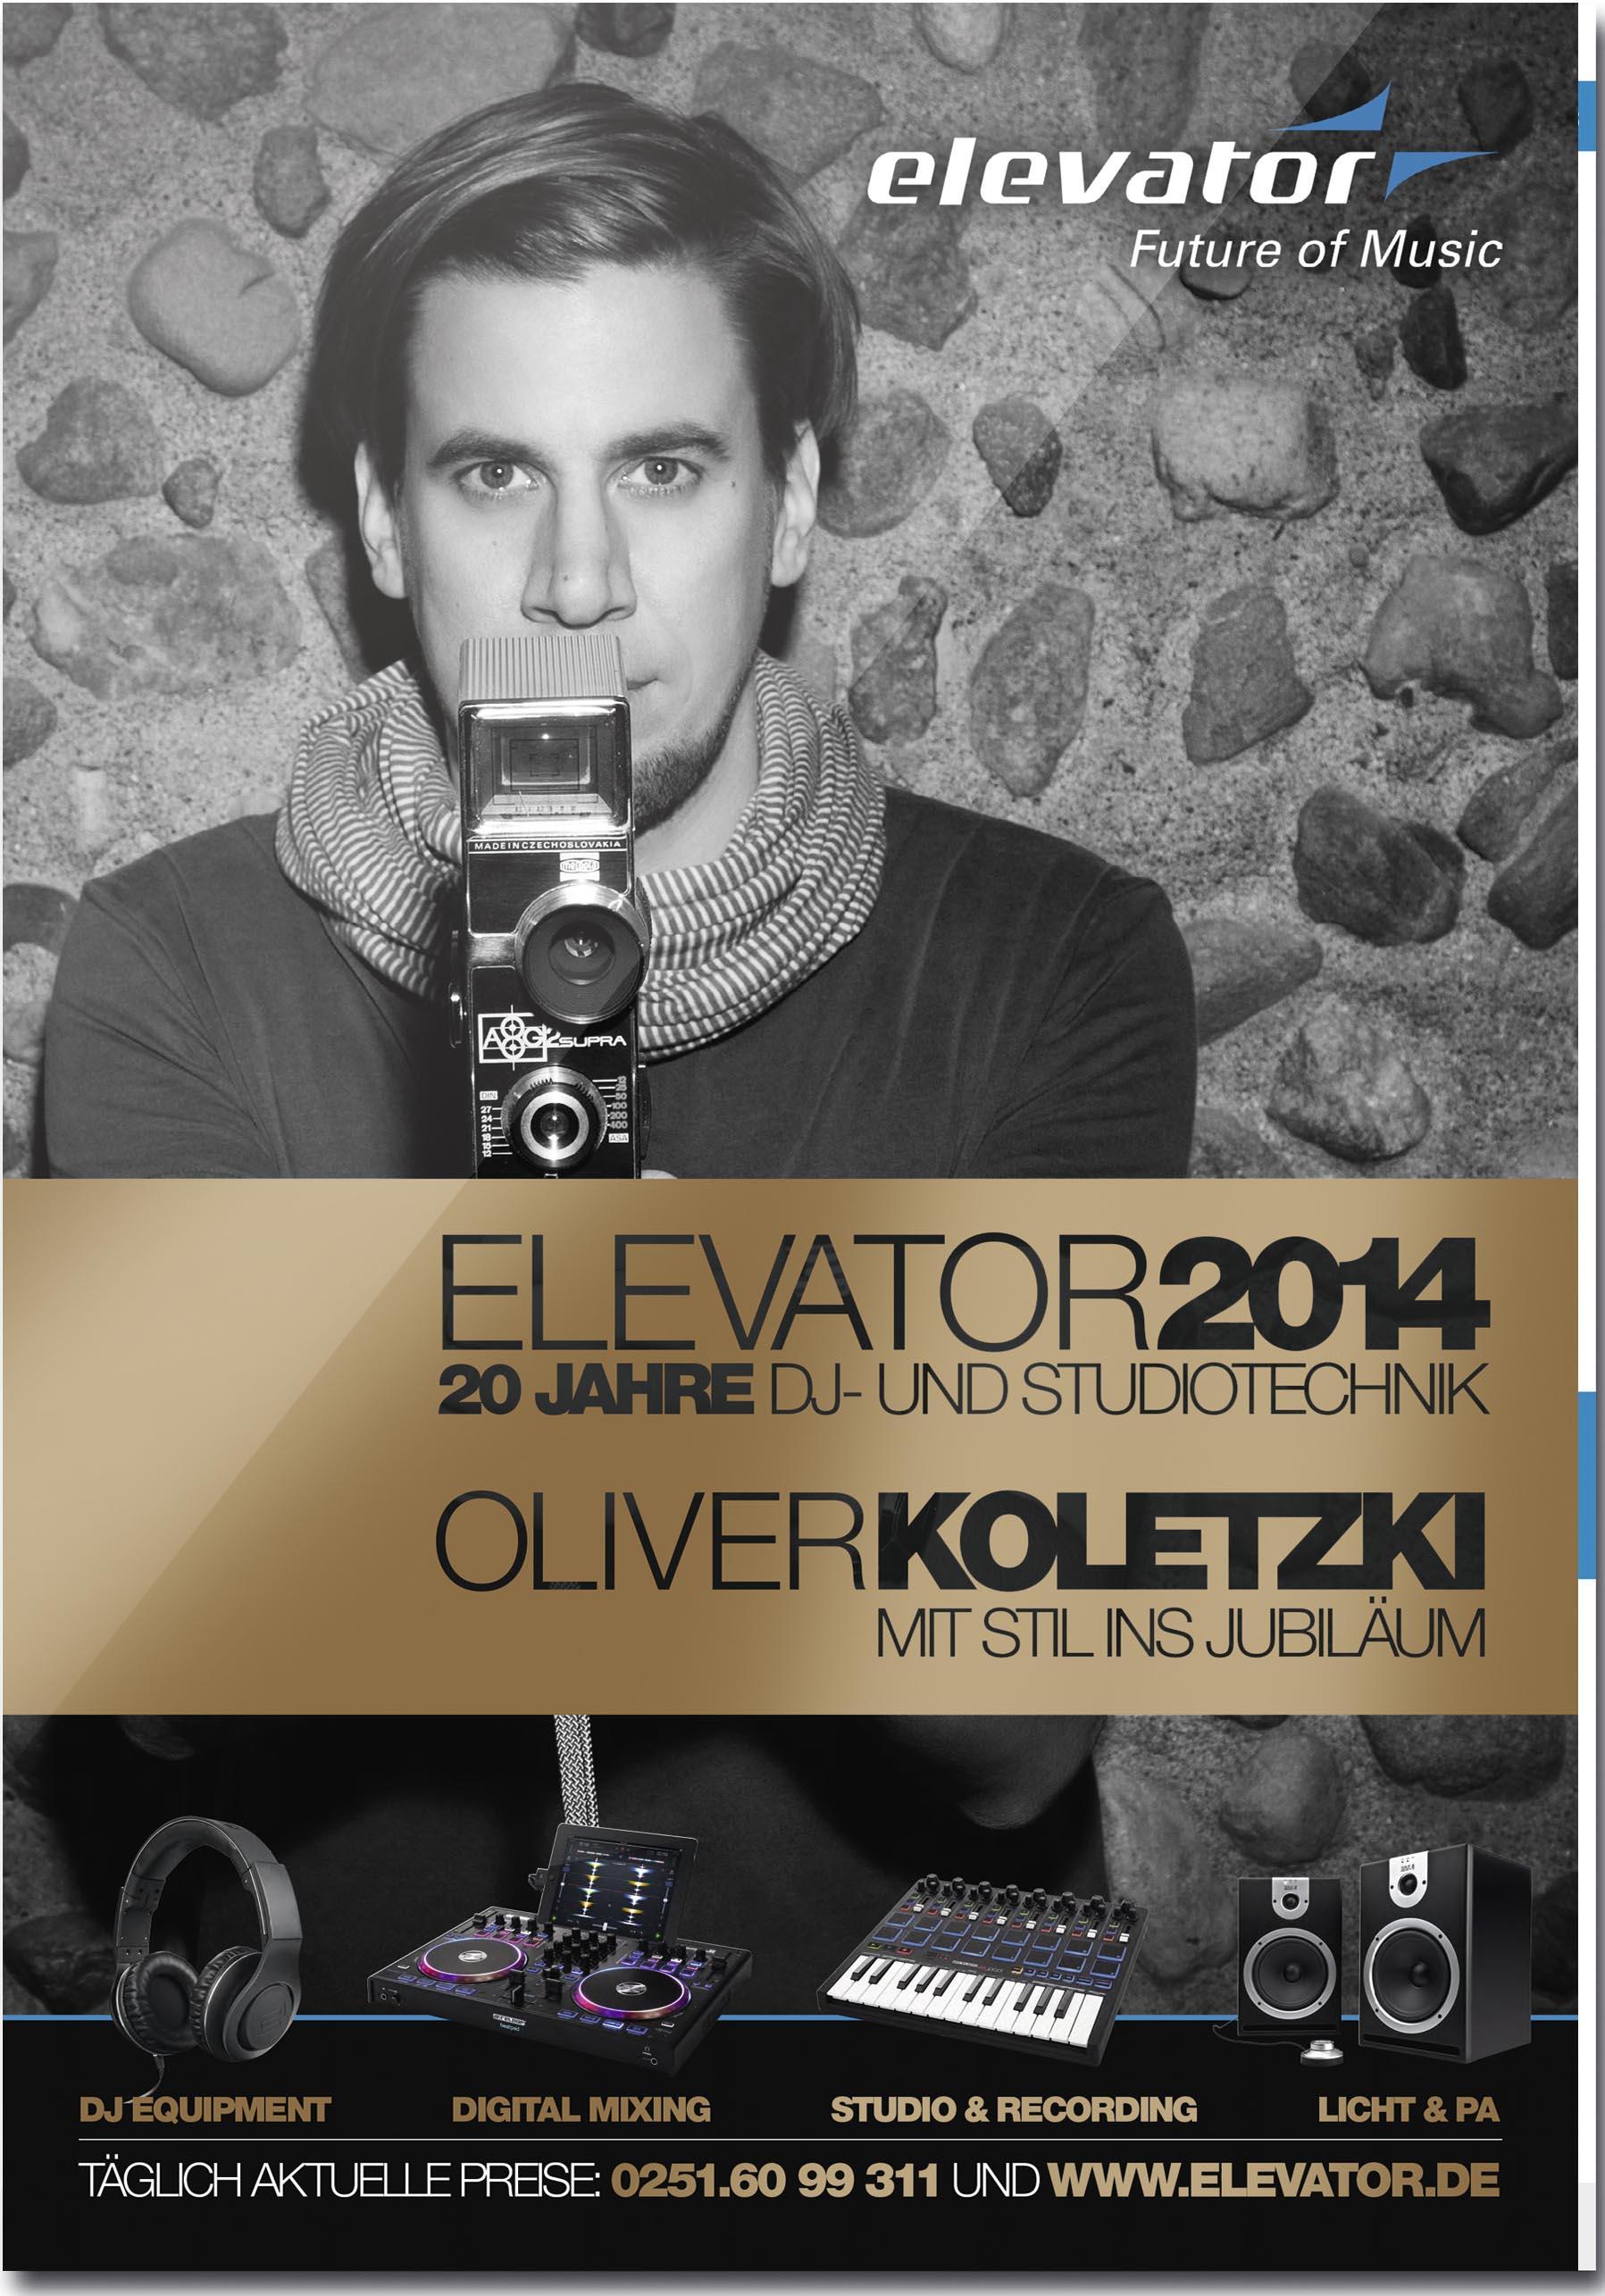 Zum Zwanzigsten: Der Elevator DJ Katalog 2014